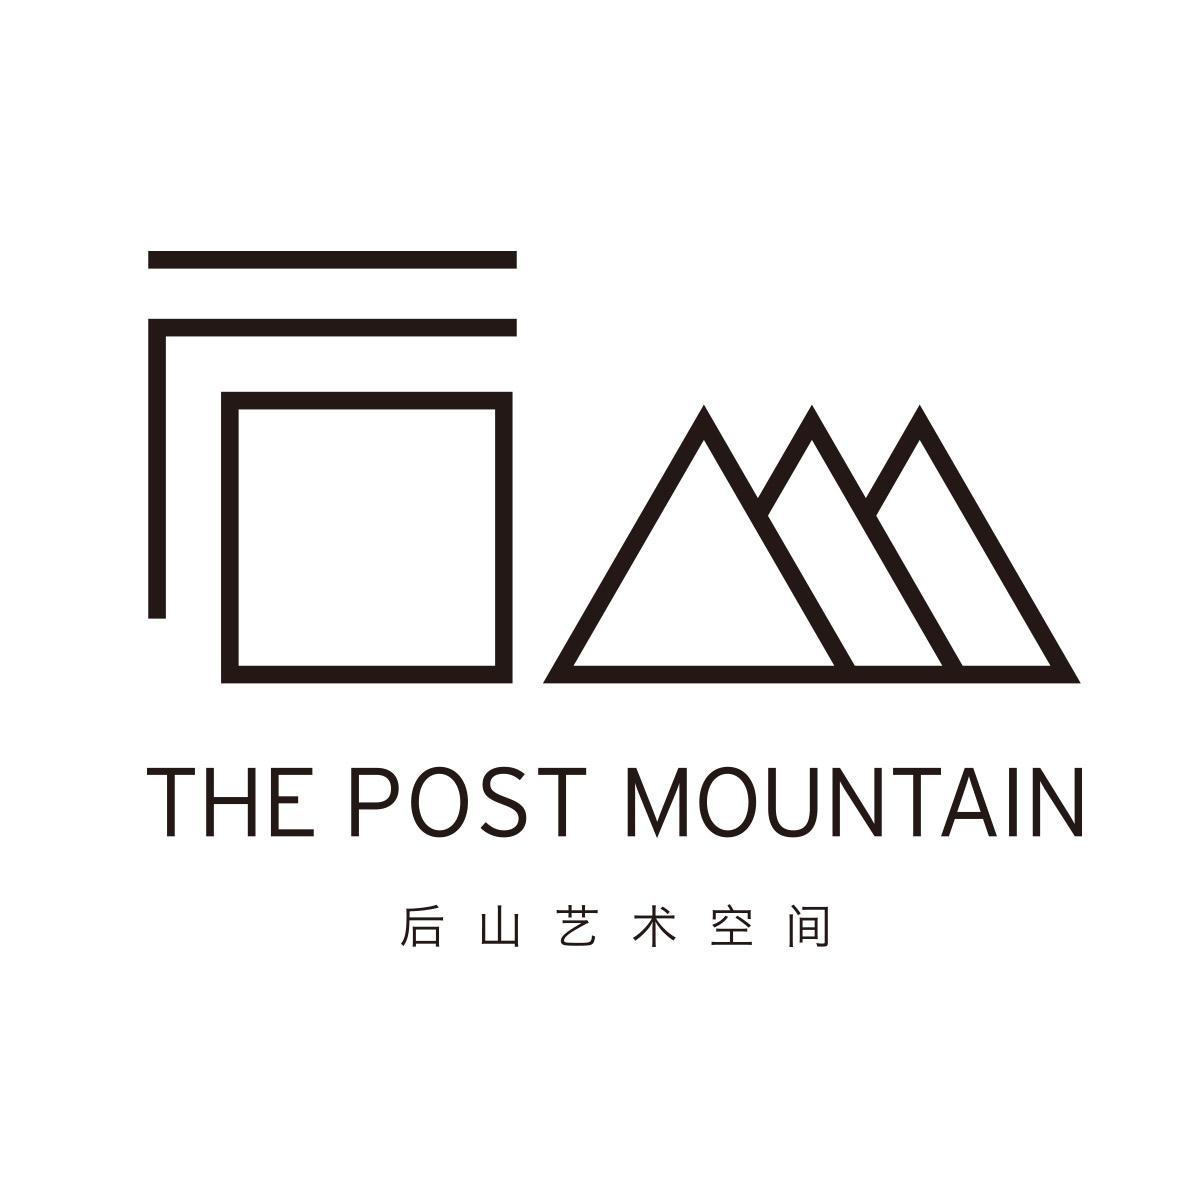 后山文化艺术(北京)有限公司